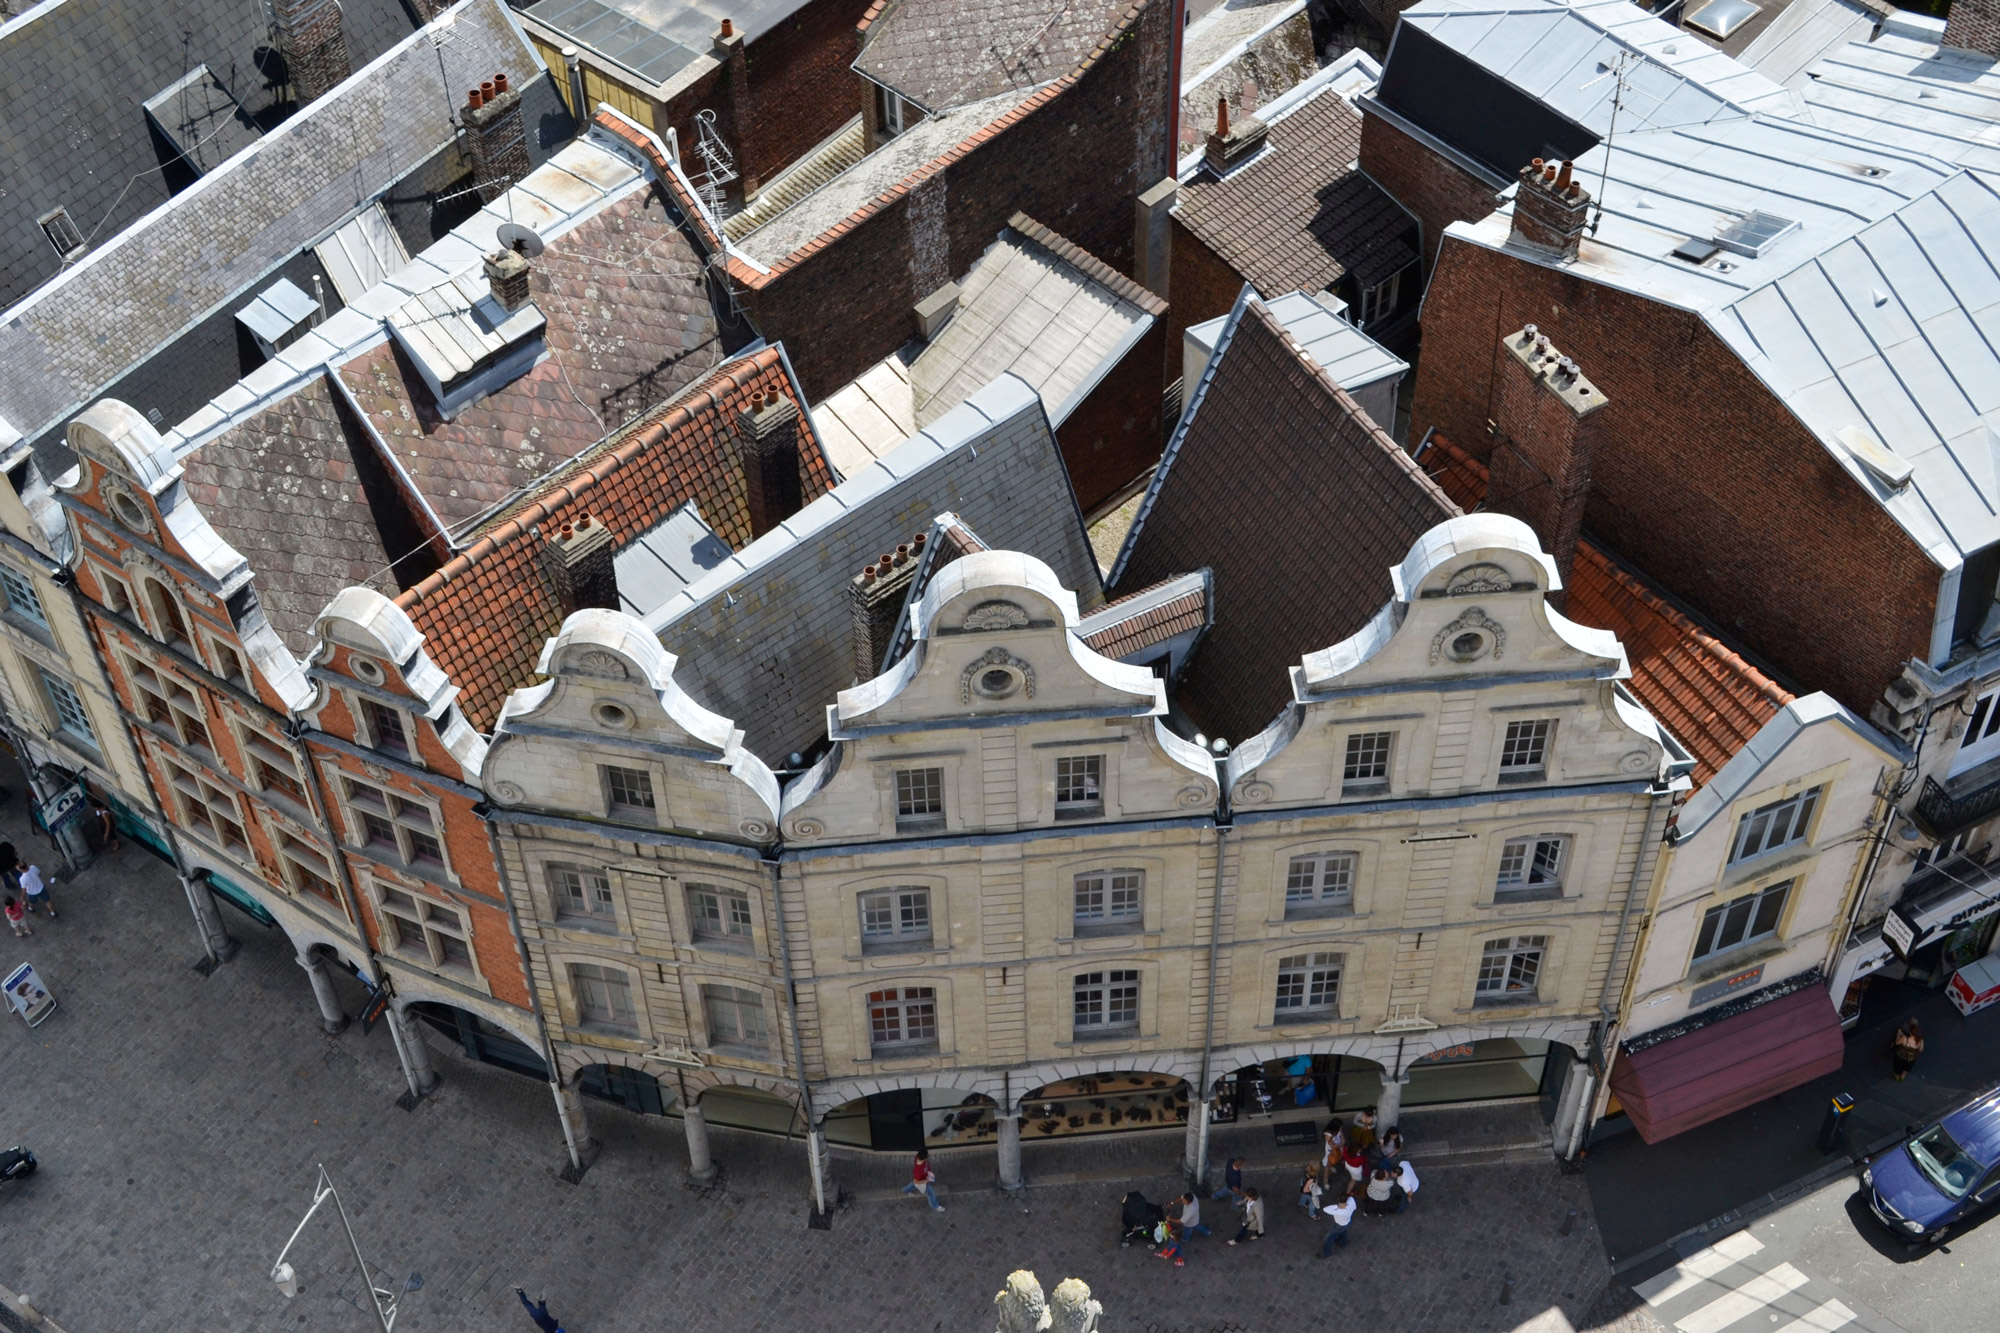 urbanbacklog-arras-square-3.jpg